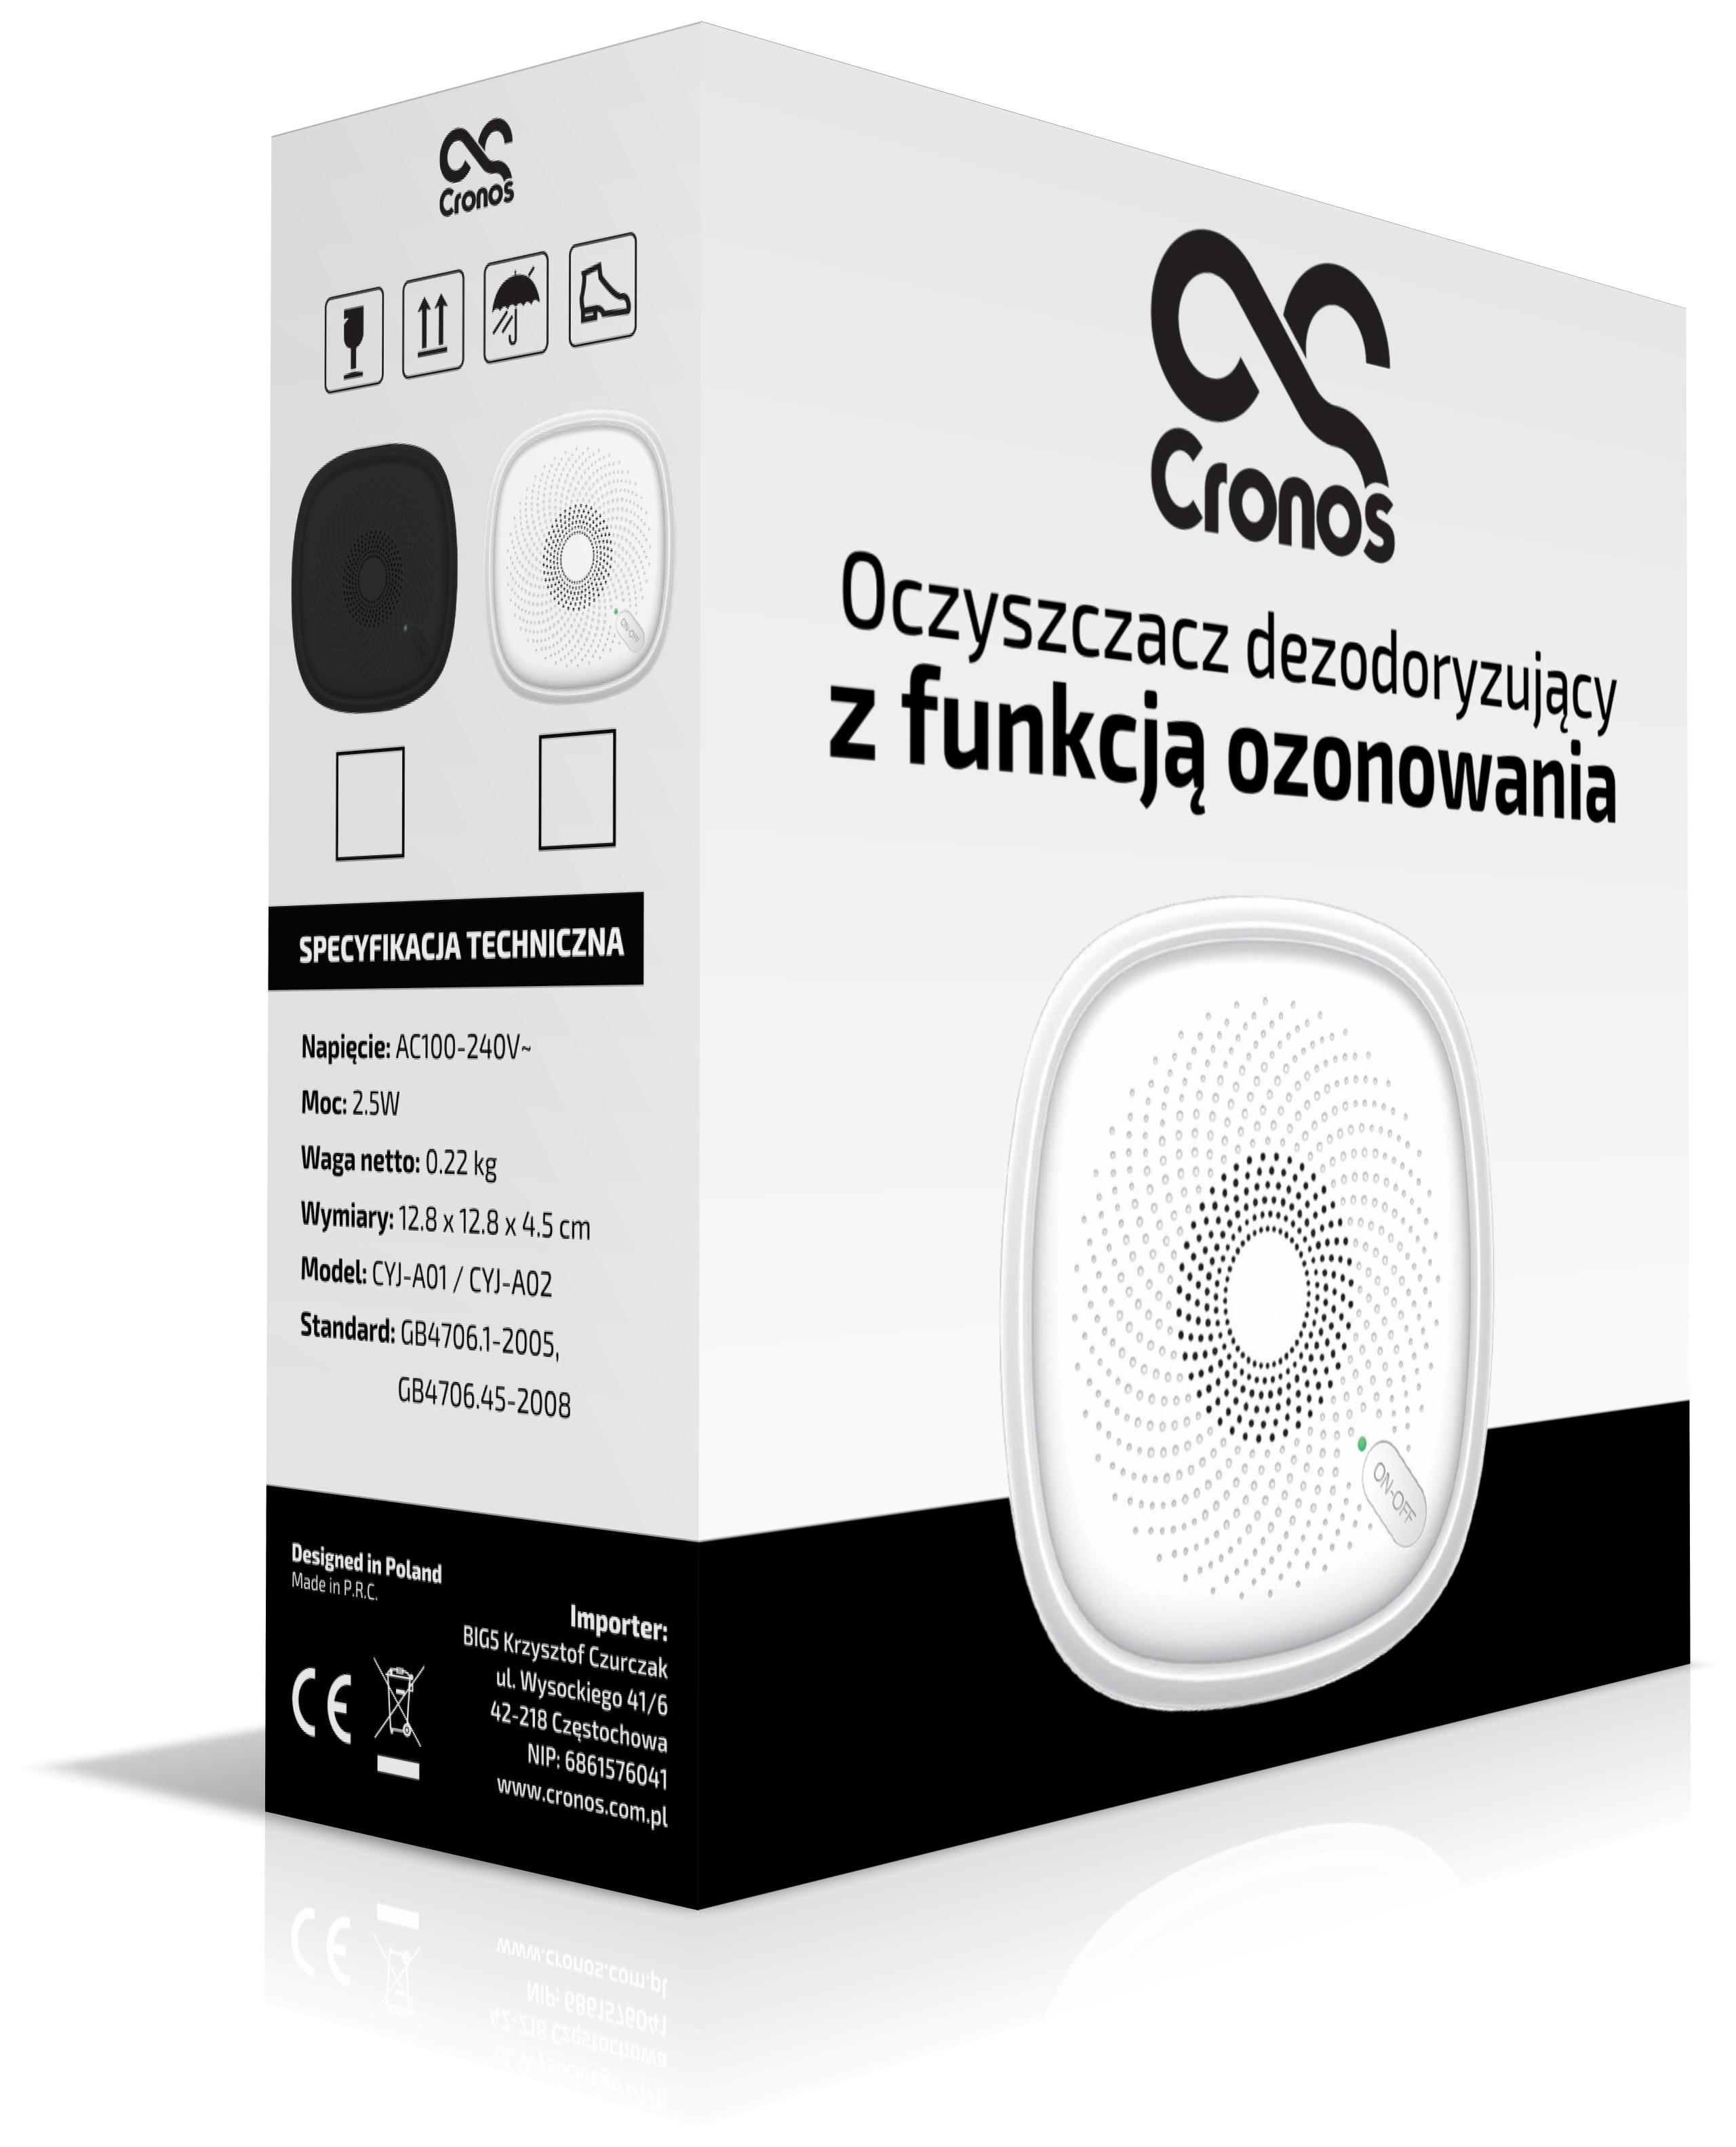 Pudełko do oczyszczacza powietrza marki Cronos